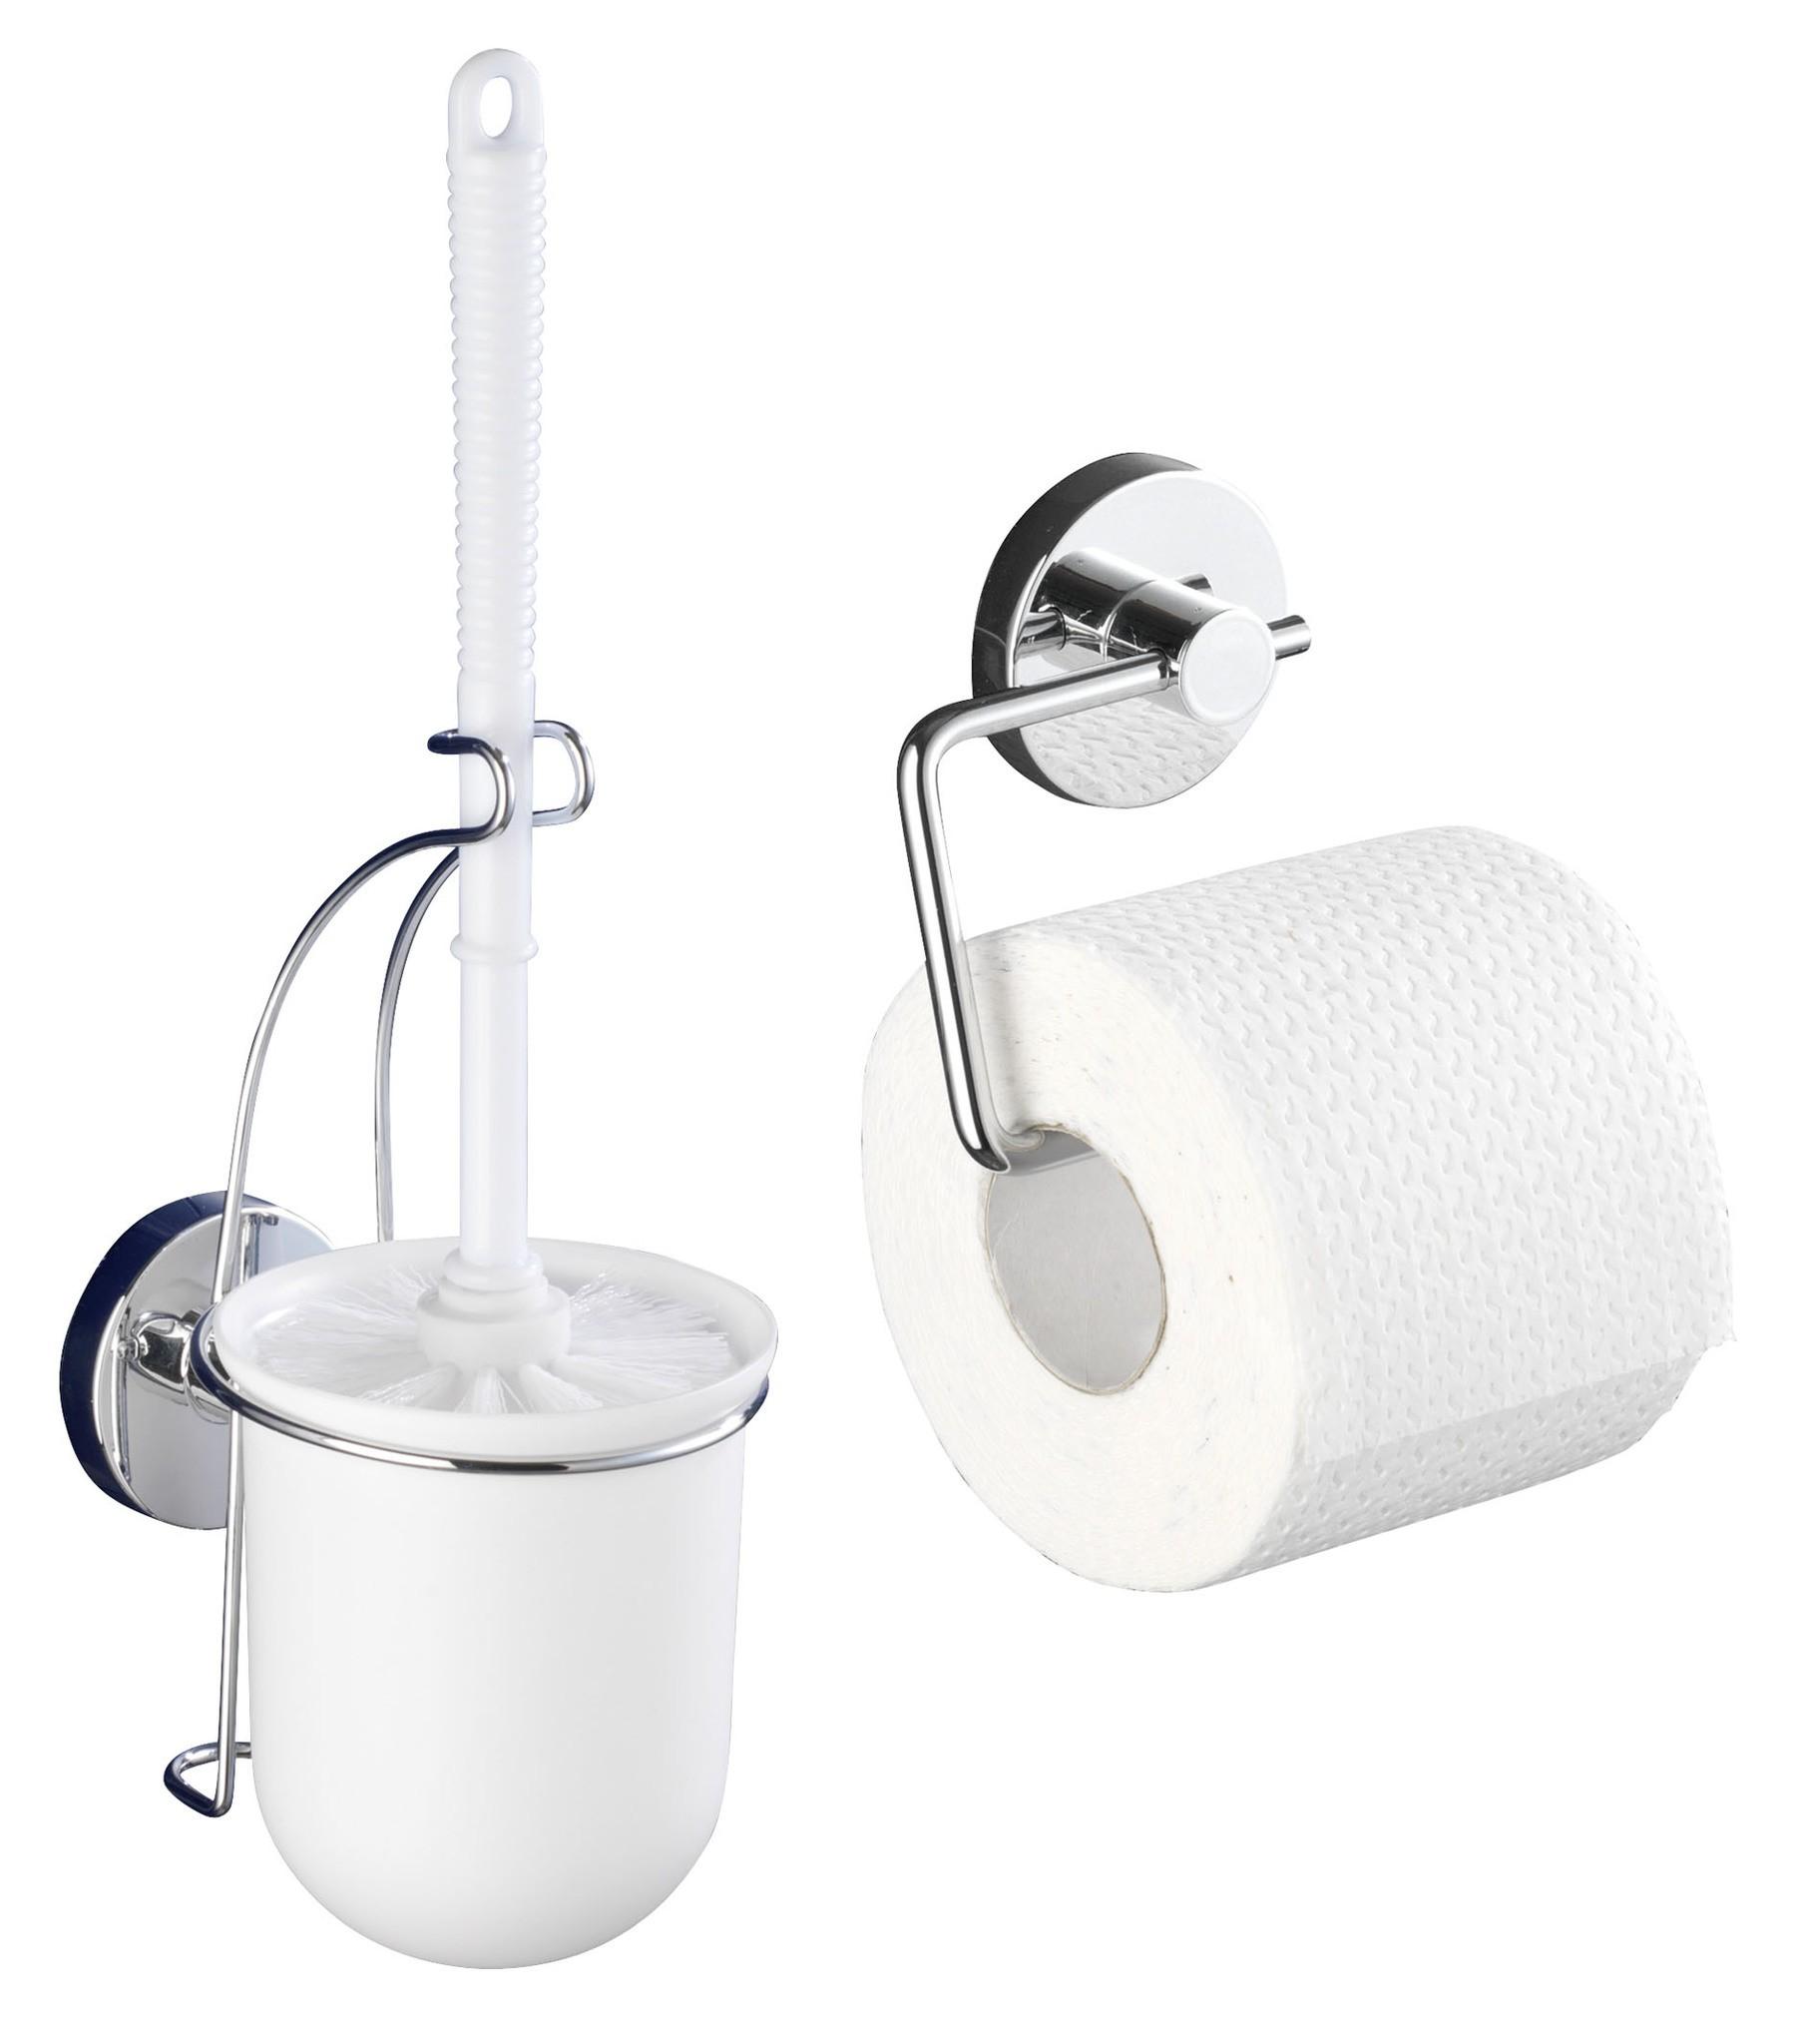 Wenko Vacuum-Loc Toilettenpapierhalter Milazzo und WC-Garnitur, 2-teiliges Set